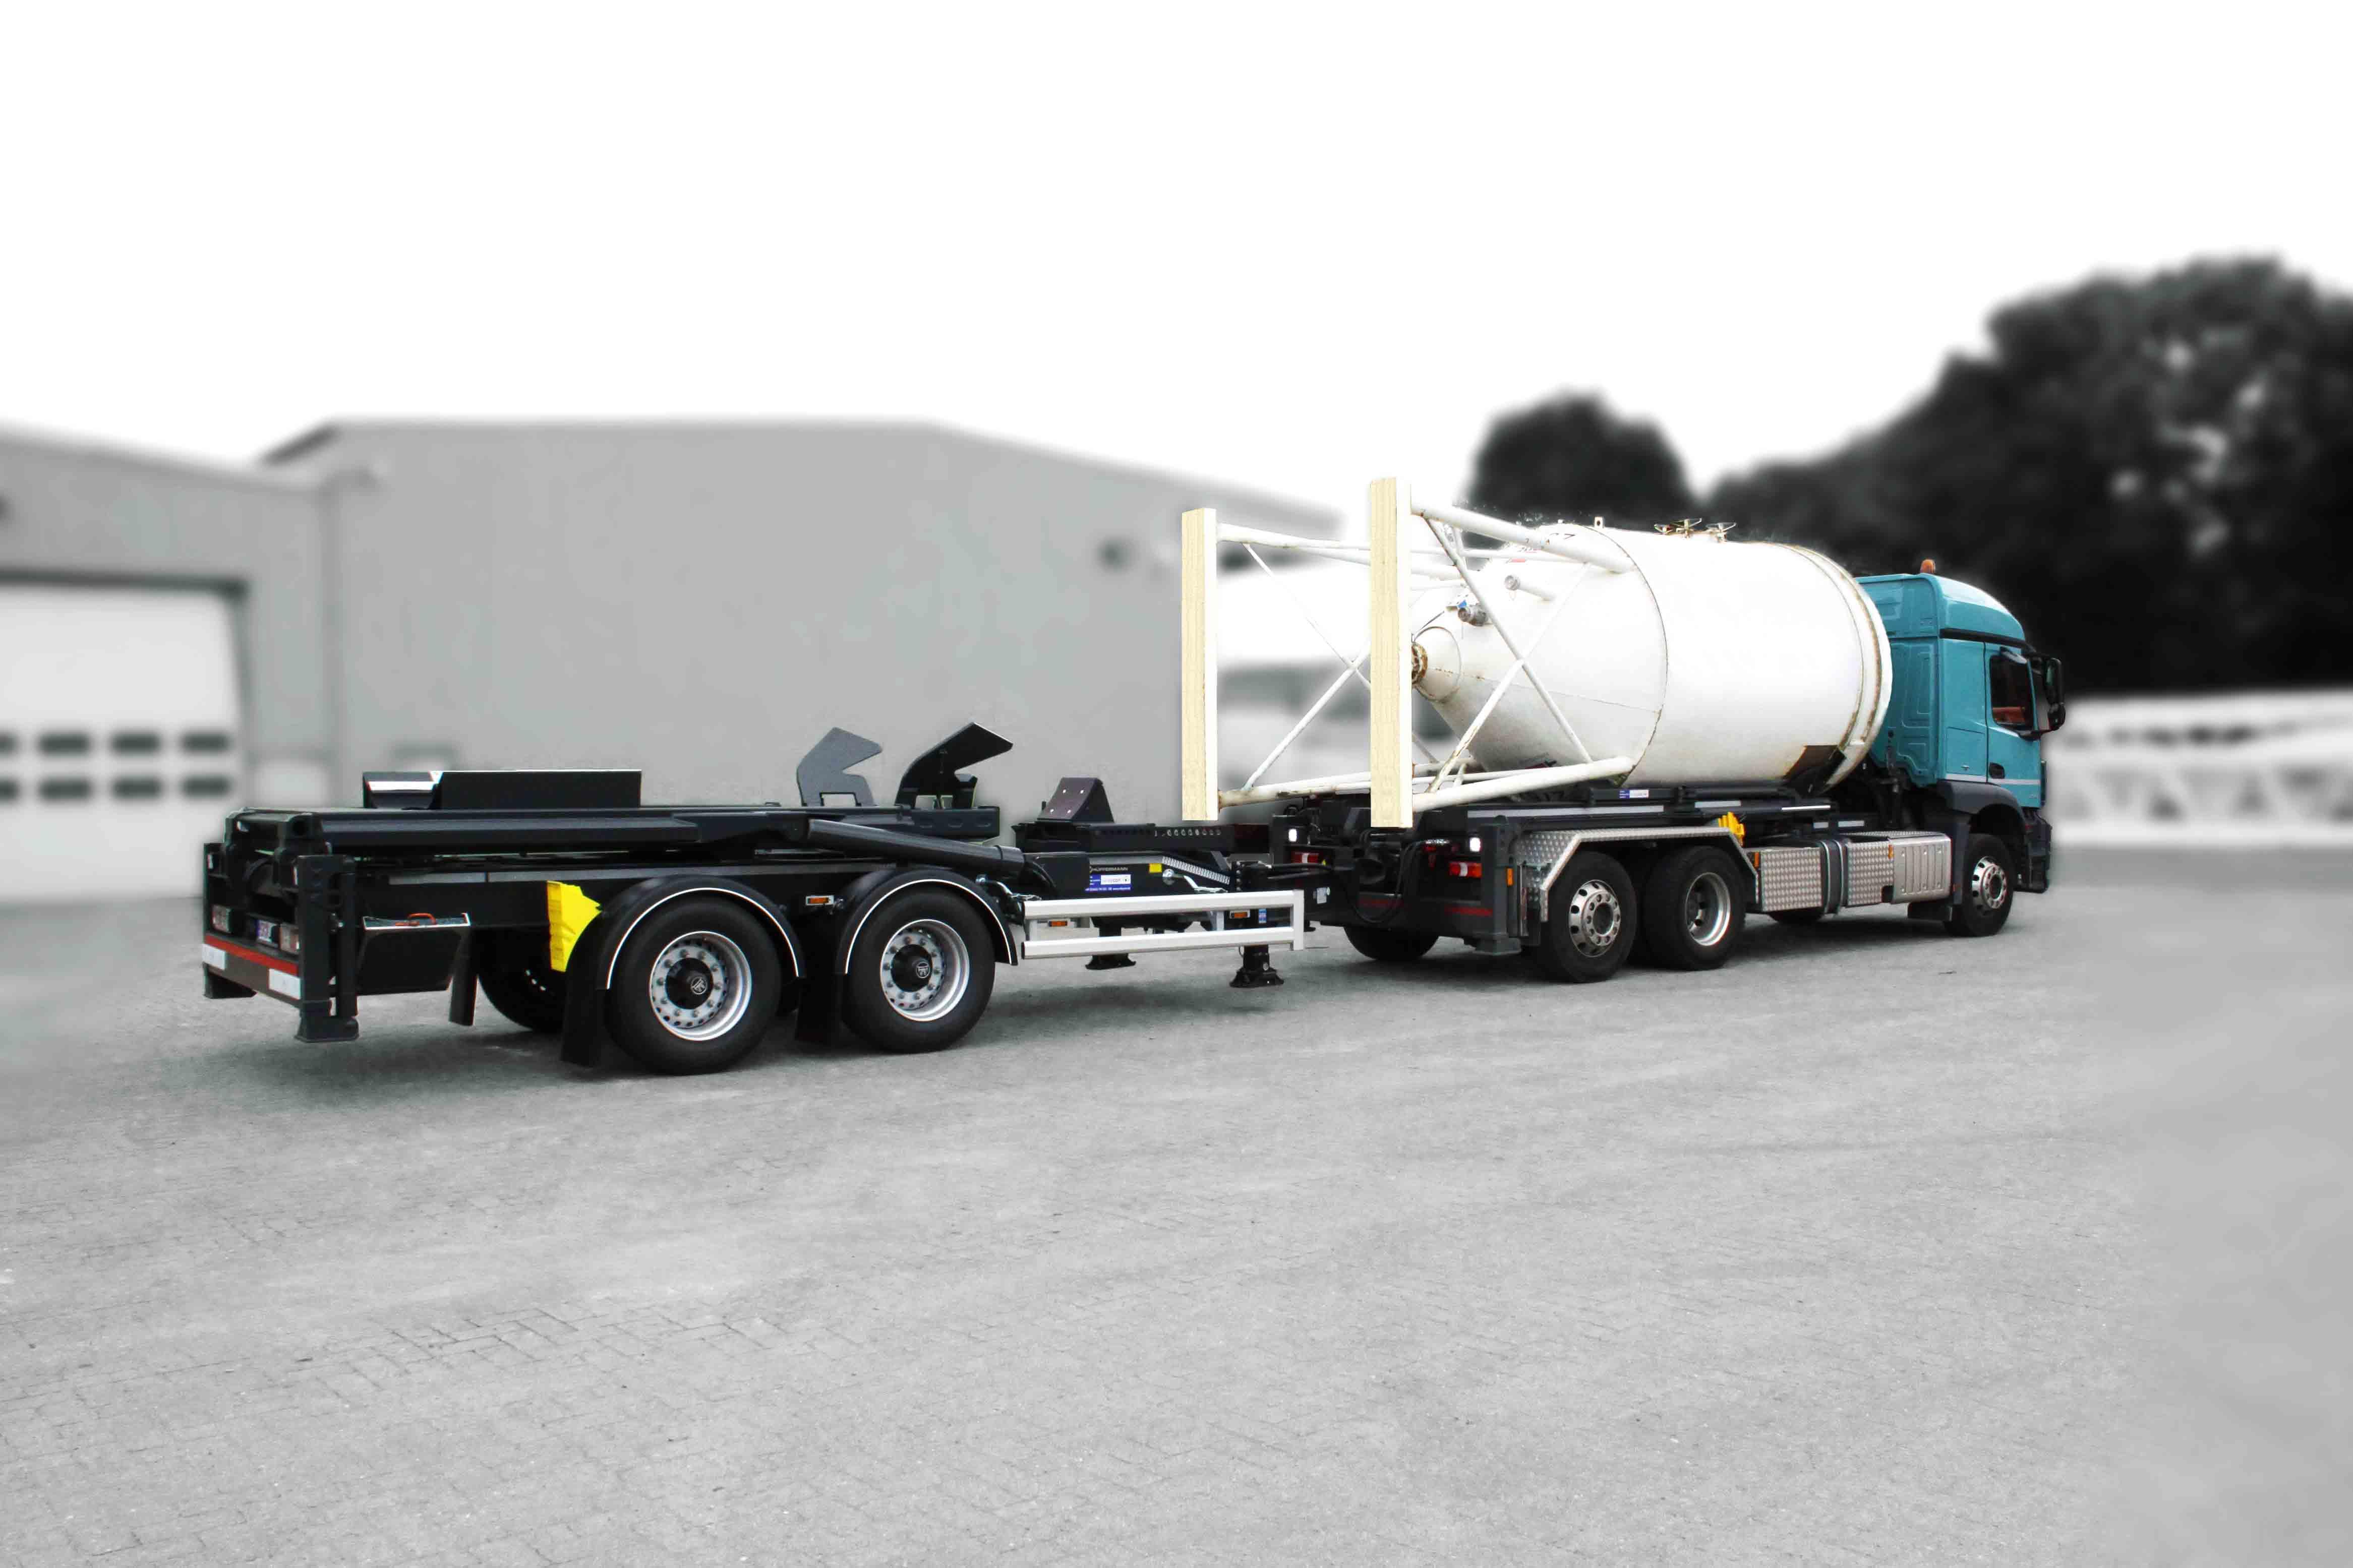 velsycon-Sattelauflieger-Sattel-Silolift - Silo-Wechselsysteme vom Hersteller